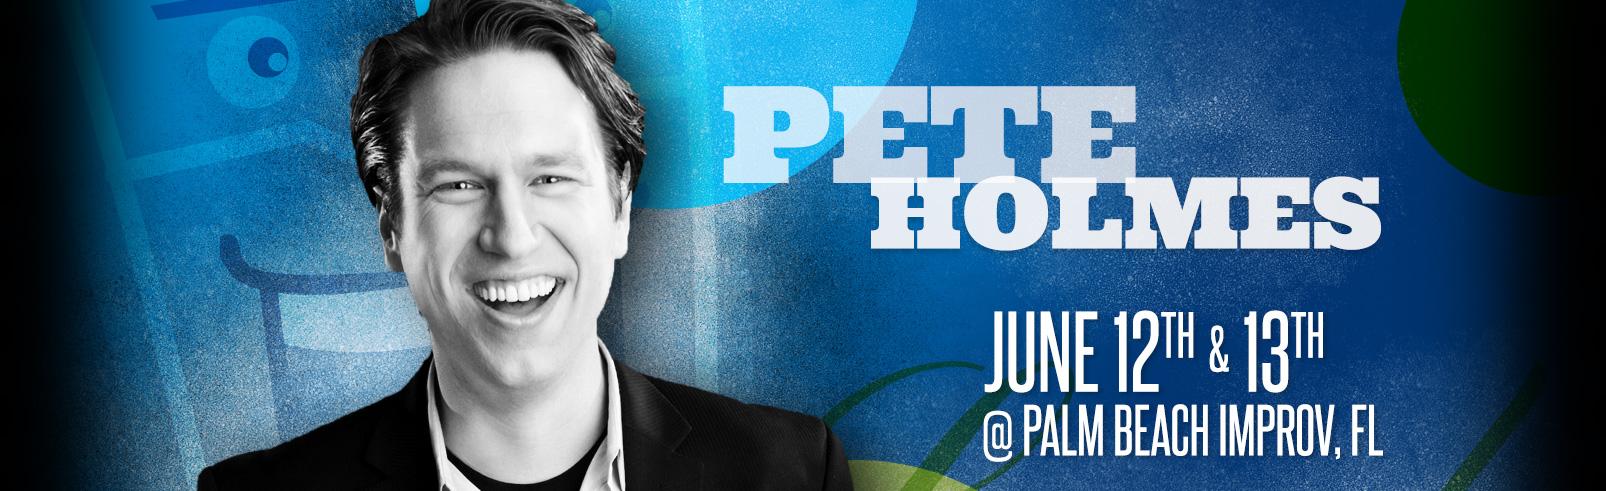 Pete Holmes @ Palm Beach Improv